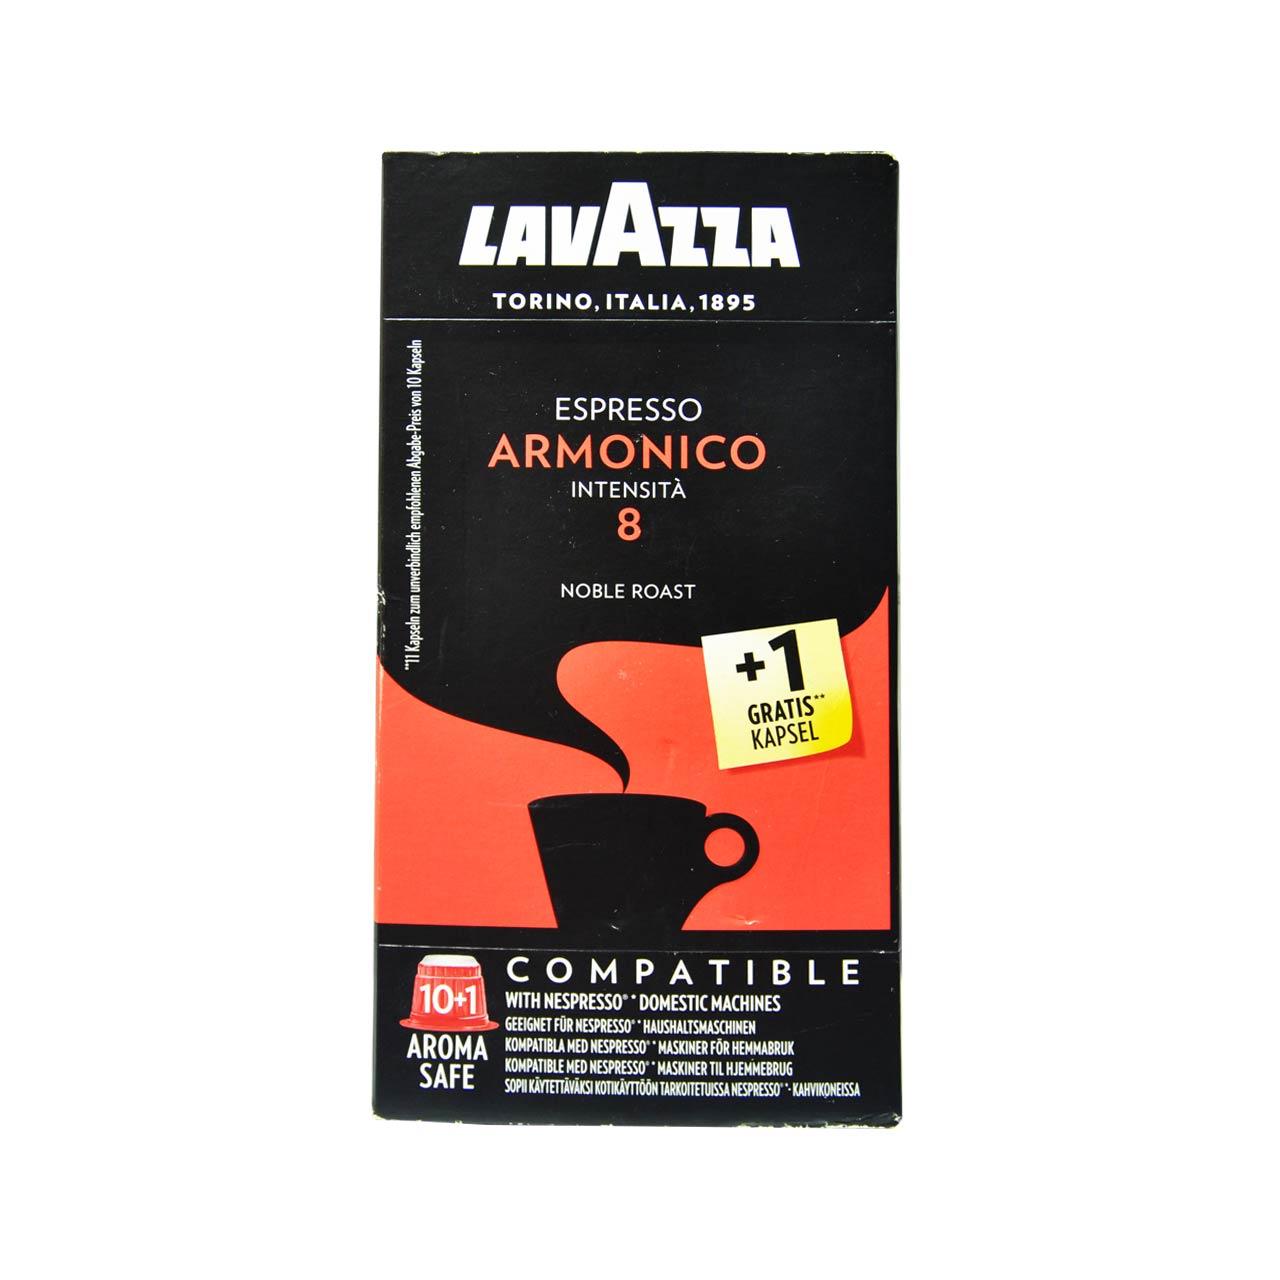 کپسول قهوه لاوازا ۱۱ عددی espresso armonico – lavazza